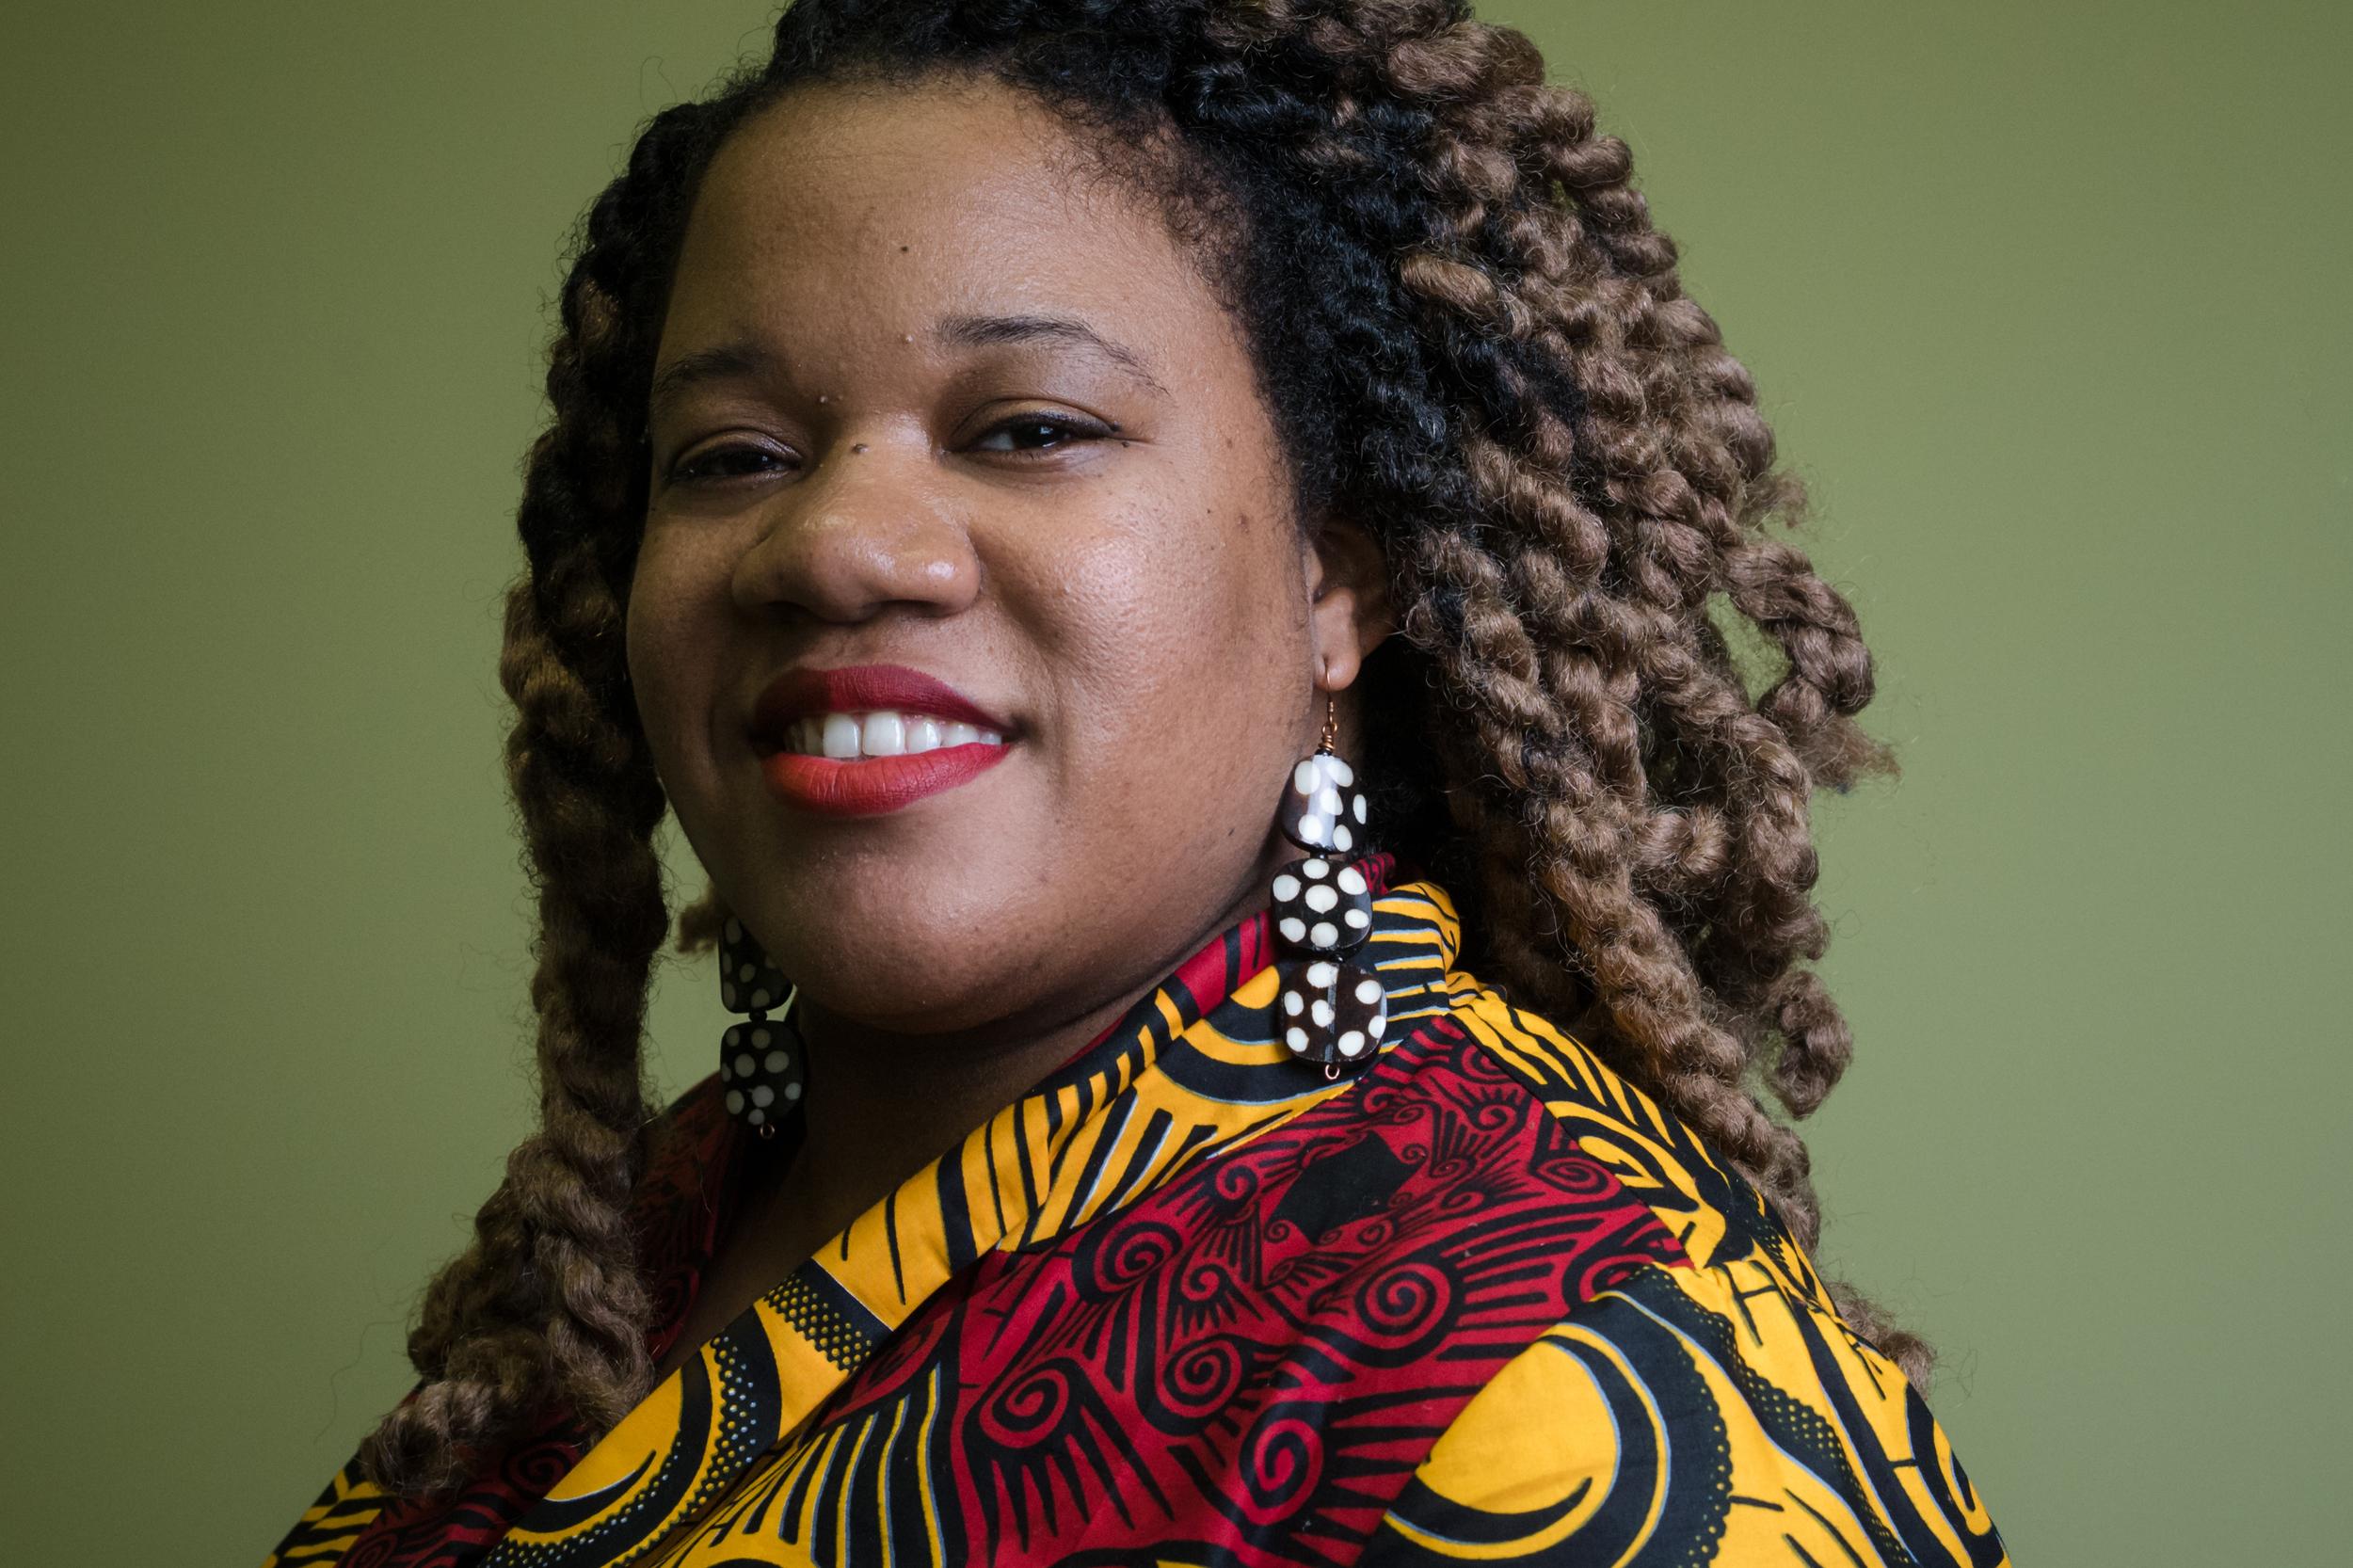 Danielle Williams, Organizer